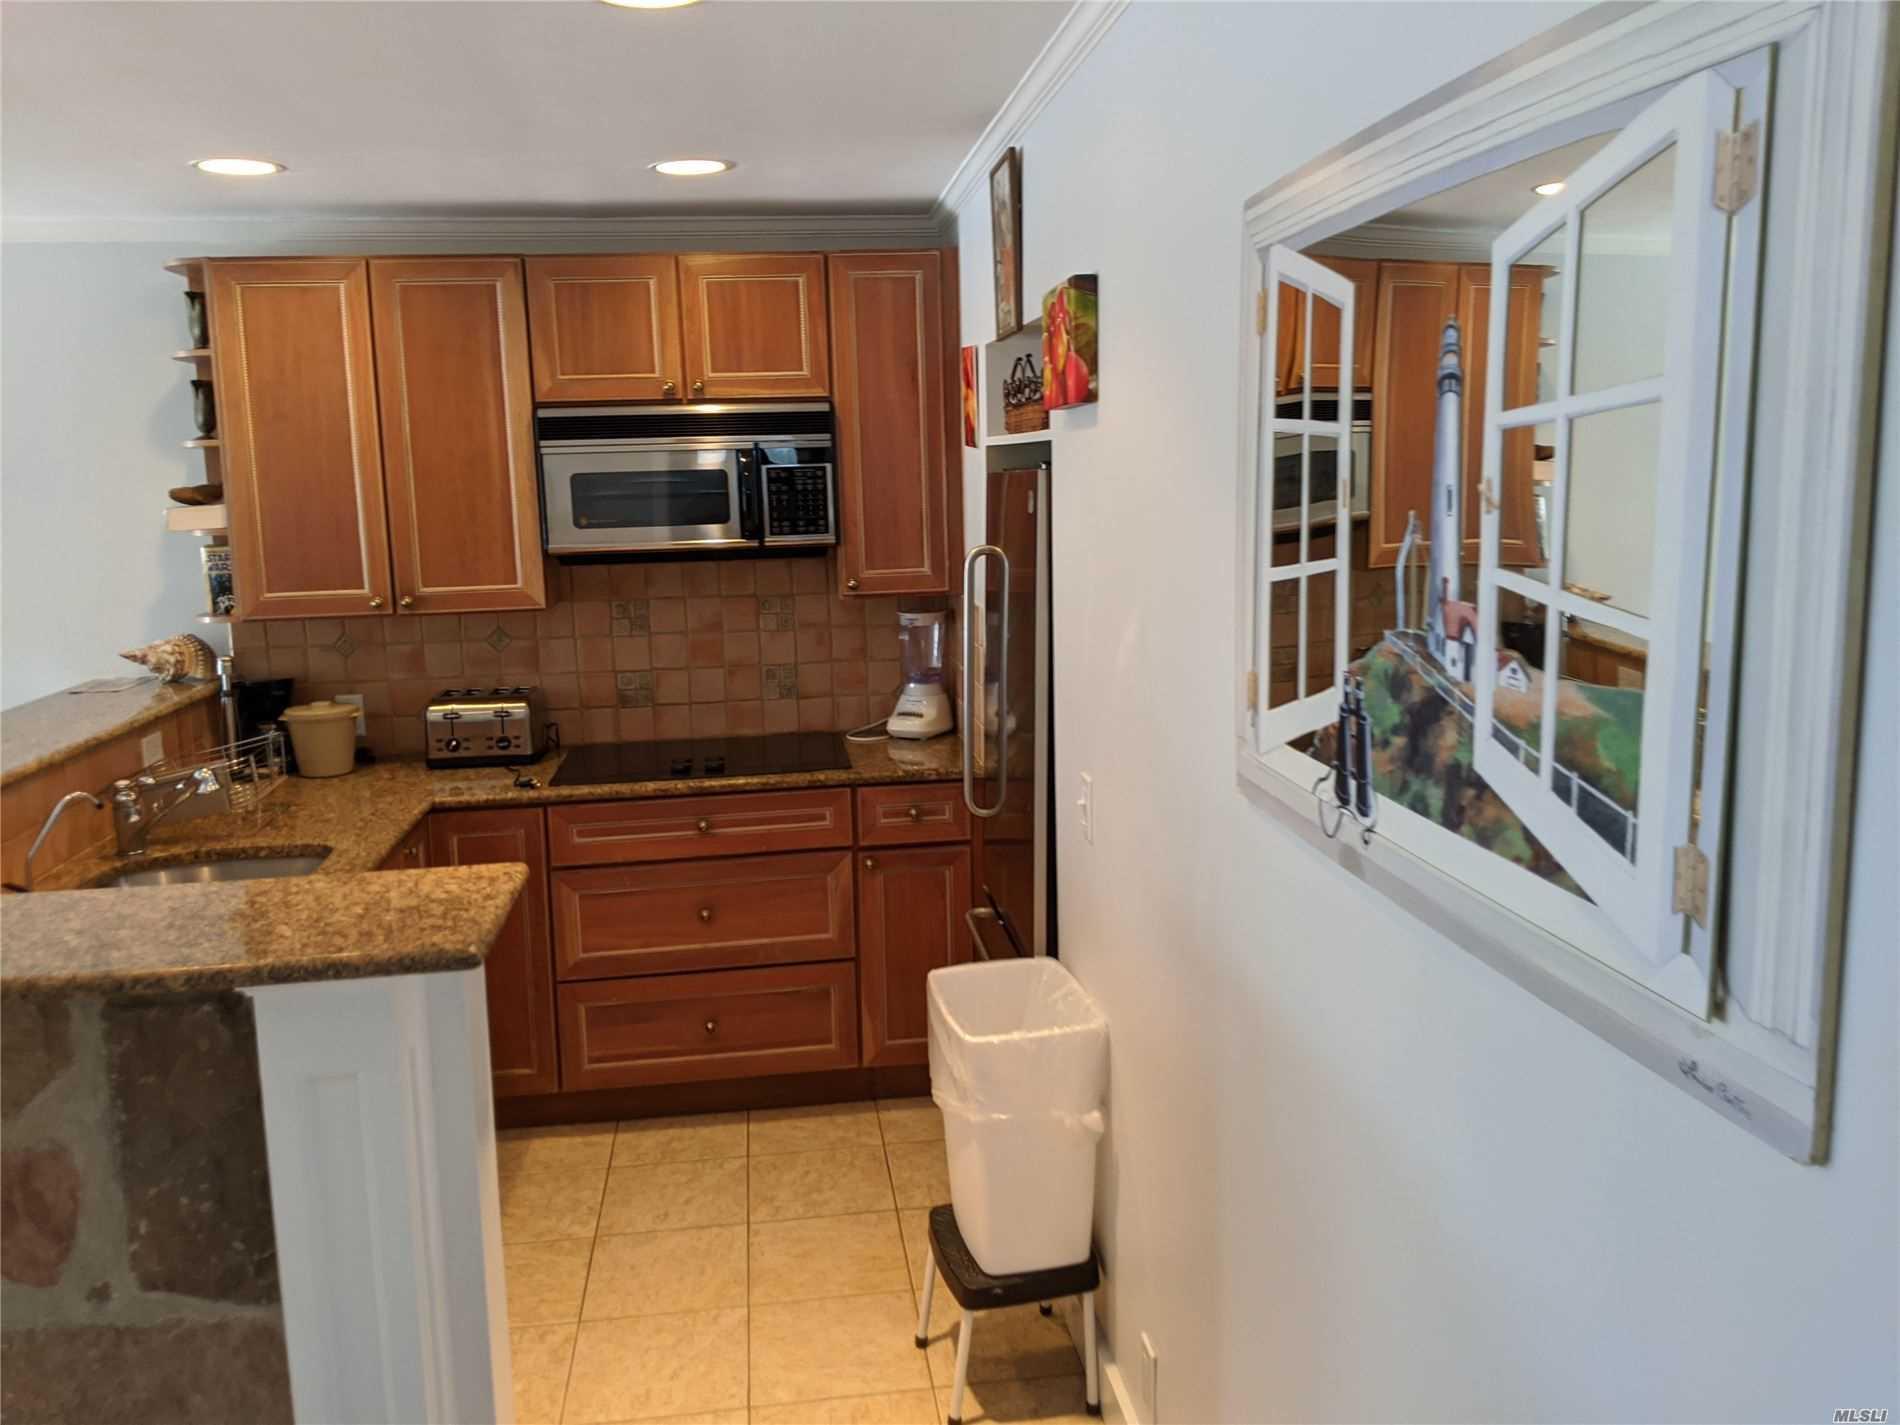 231 Dune, Westhampton Bch, New York 11978, 1 Bedroom Bedrooms, ,1 BathroomBathrooms,Residential,For Rent,Dune,3227314